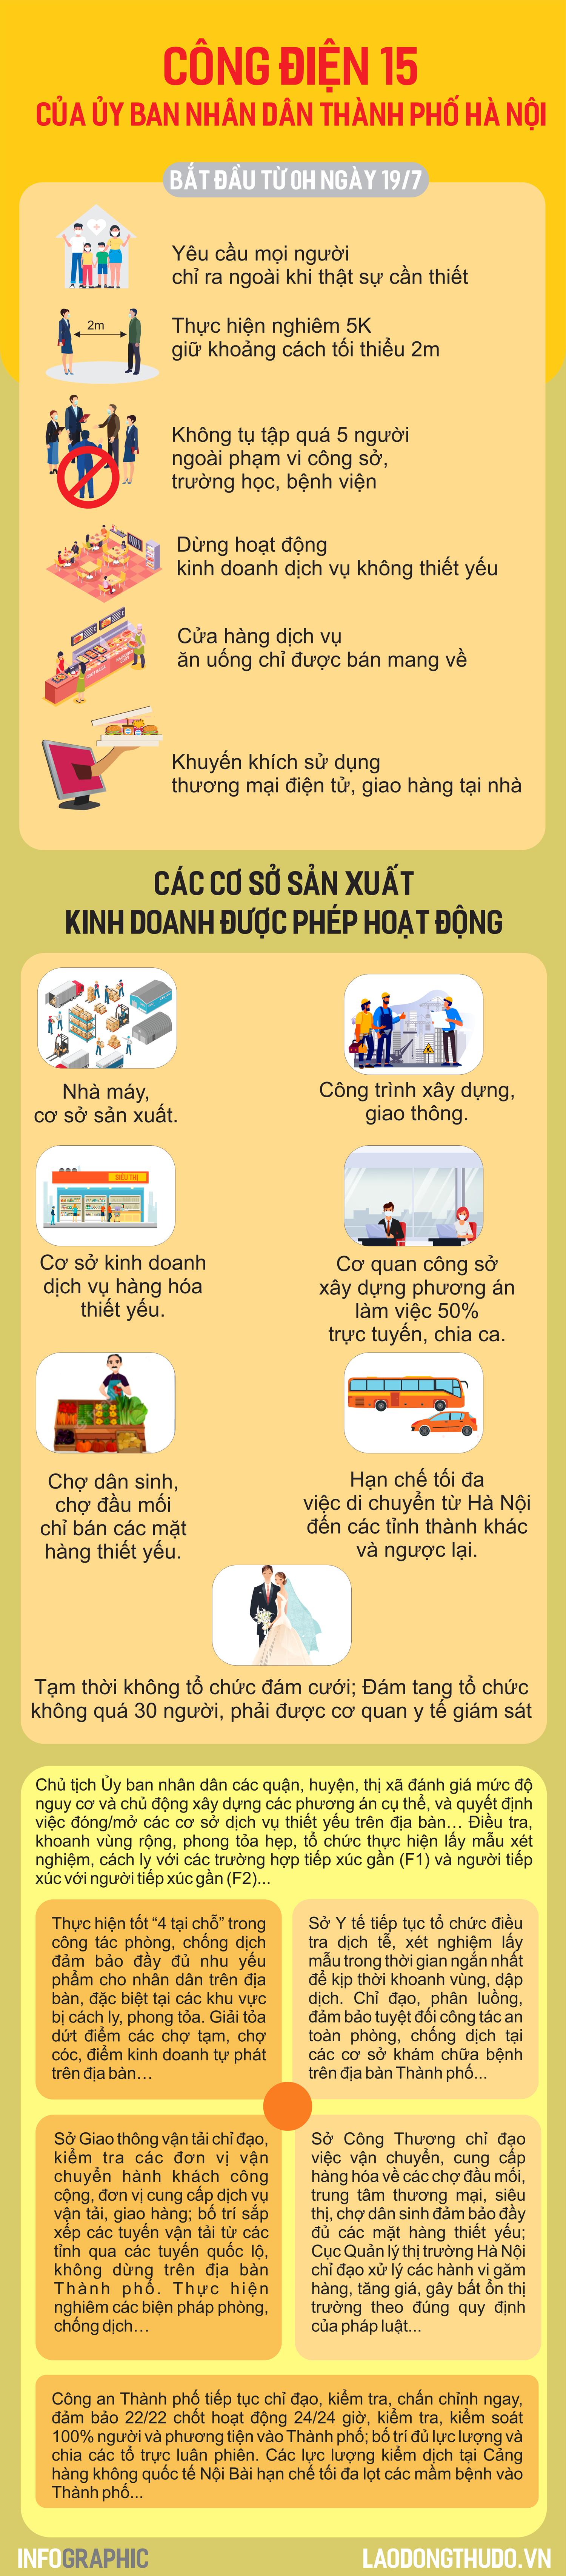 Infographic: Công điện 15 của Ủy ban nhân dân thành phố Hà Nội